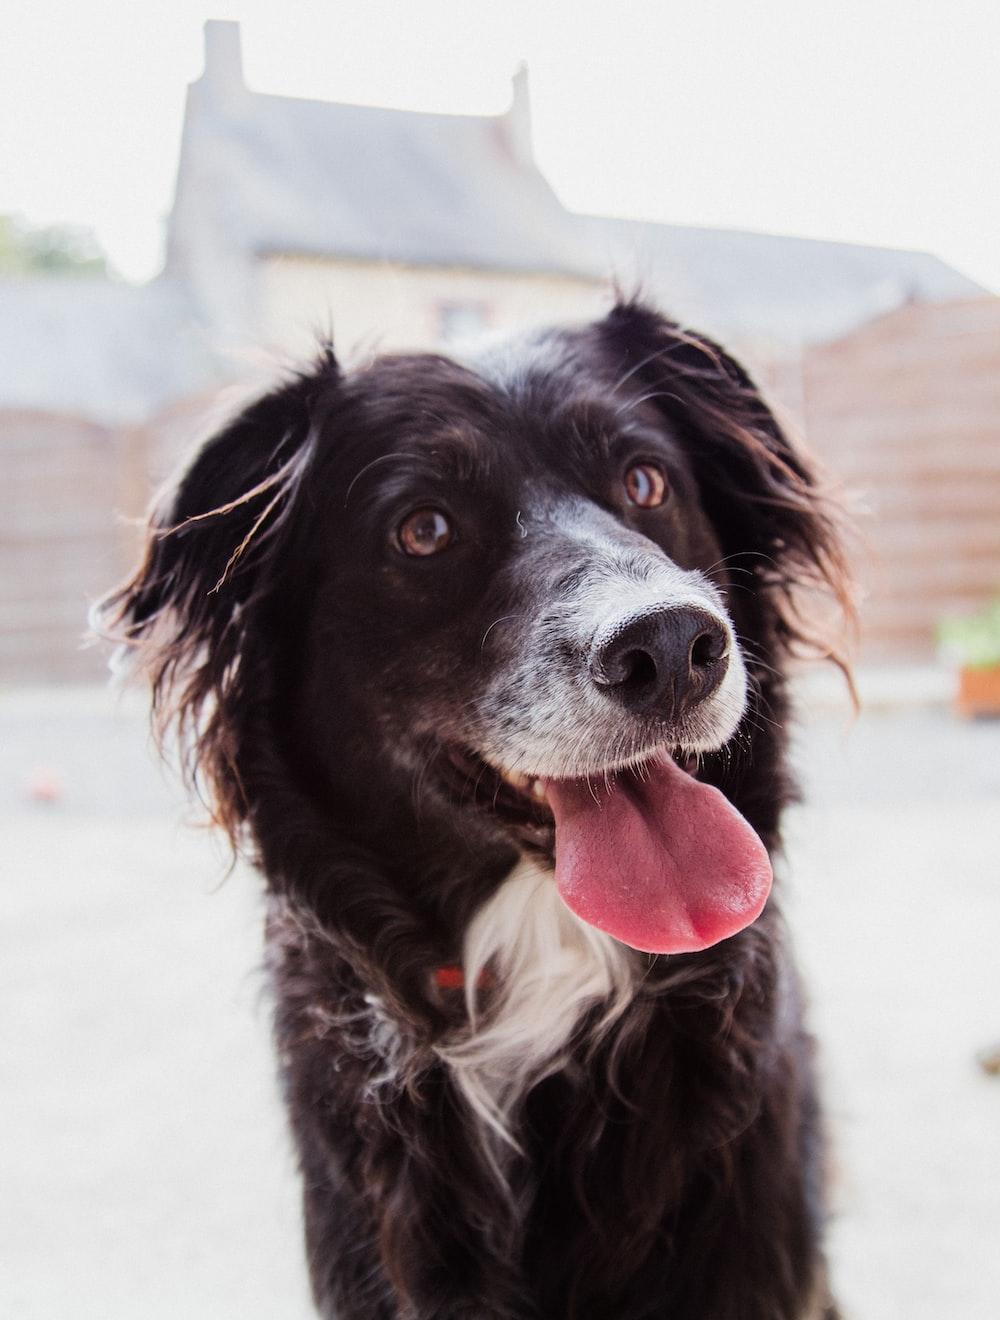 closeup photo of brown dog